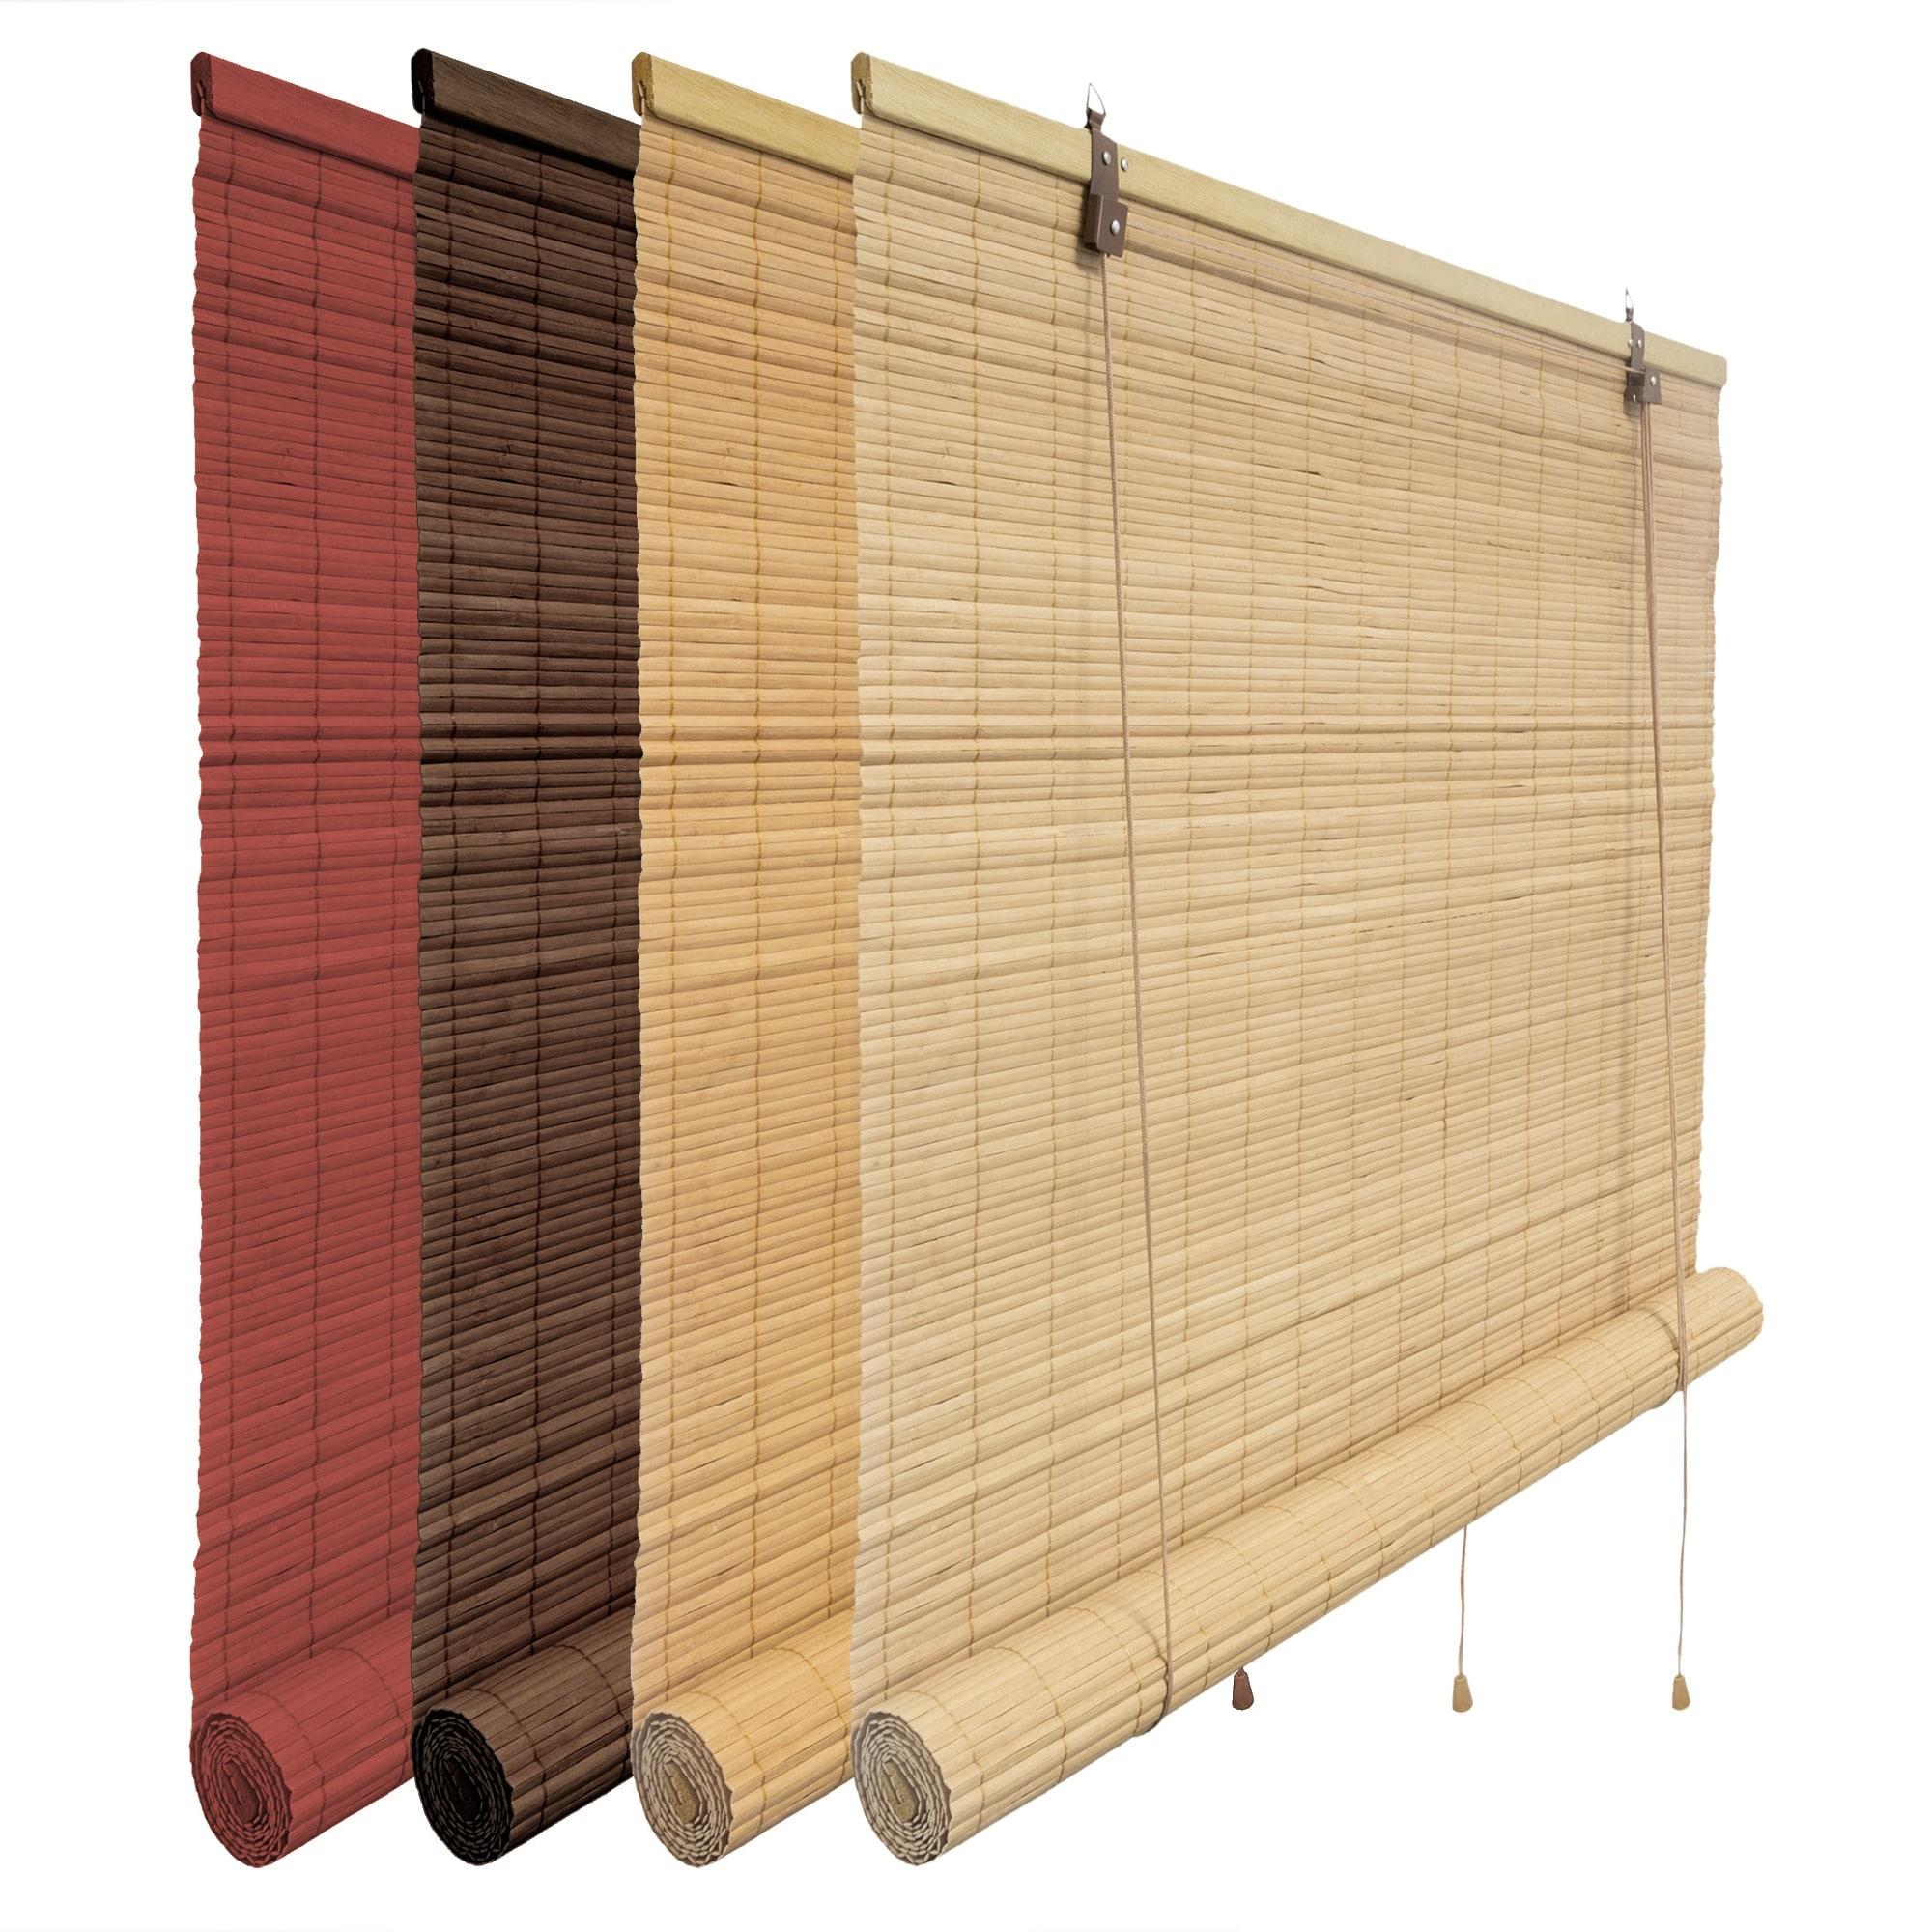 Tende bambu ikea excellent outdoor readymade tessuto for Tende oscuranti a rullo ikea